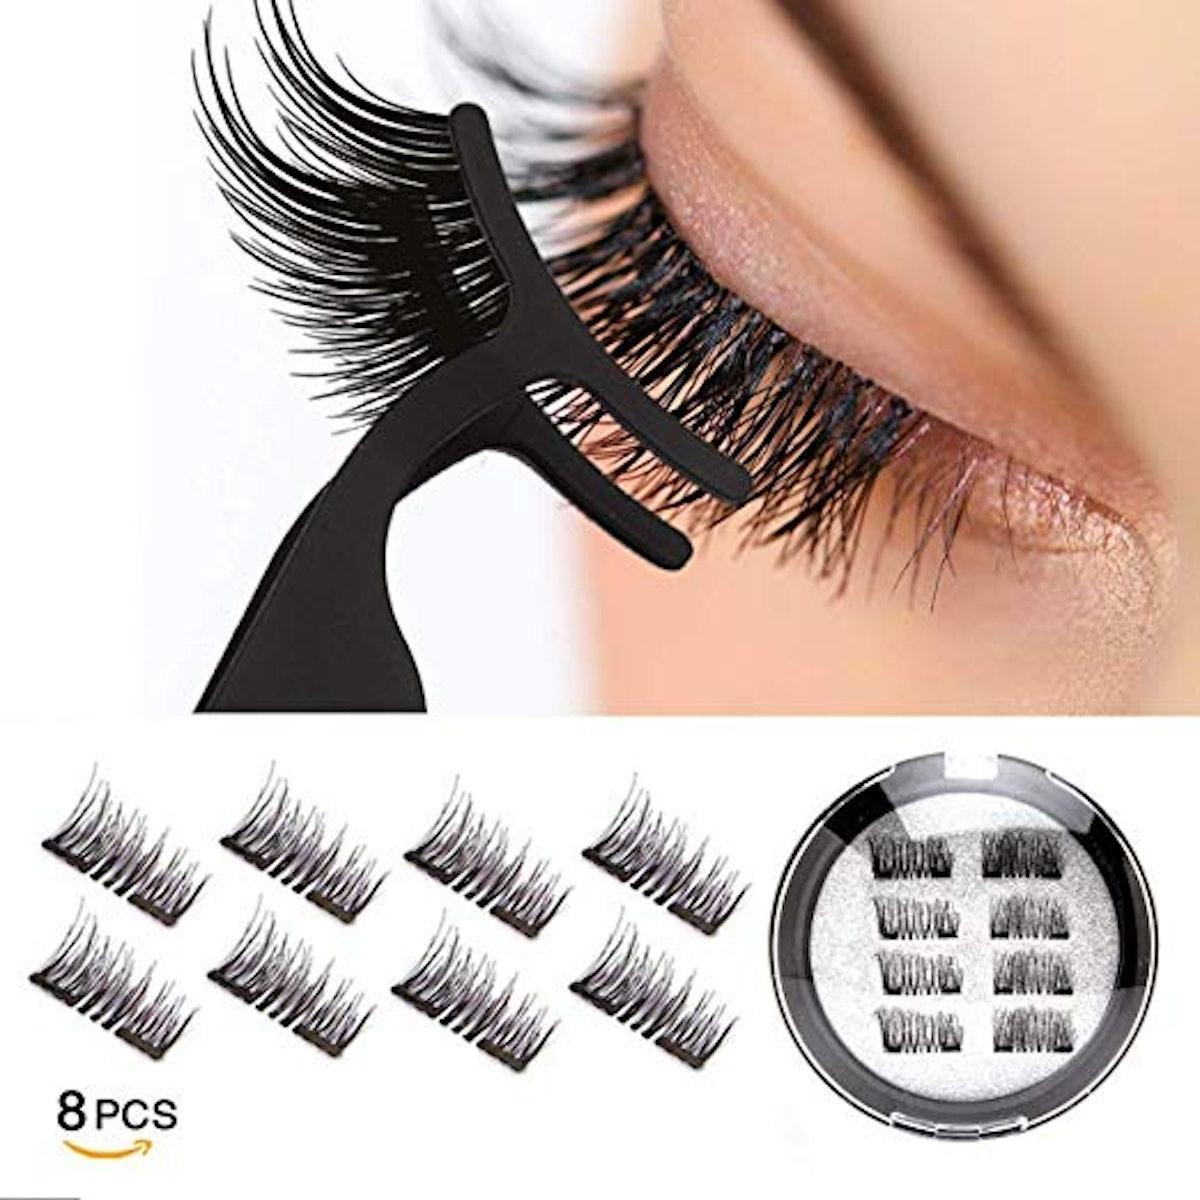 VASSOUL Magnetic Eyelashes (8 Count)